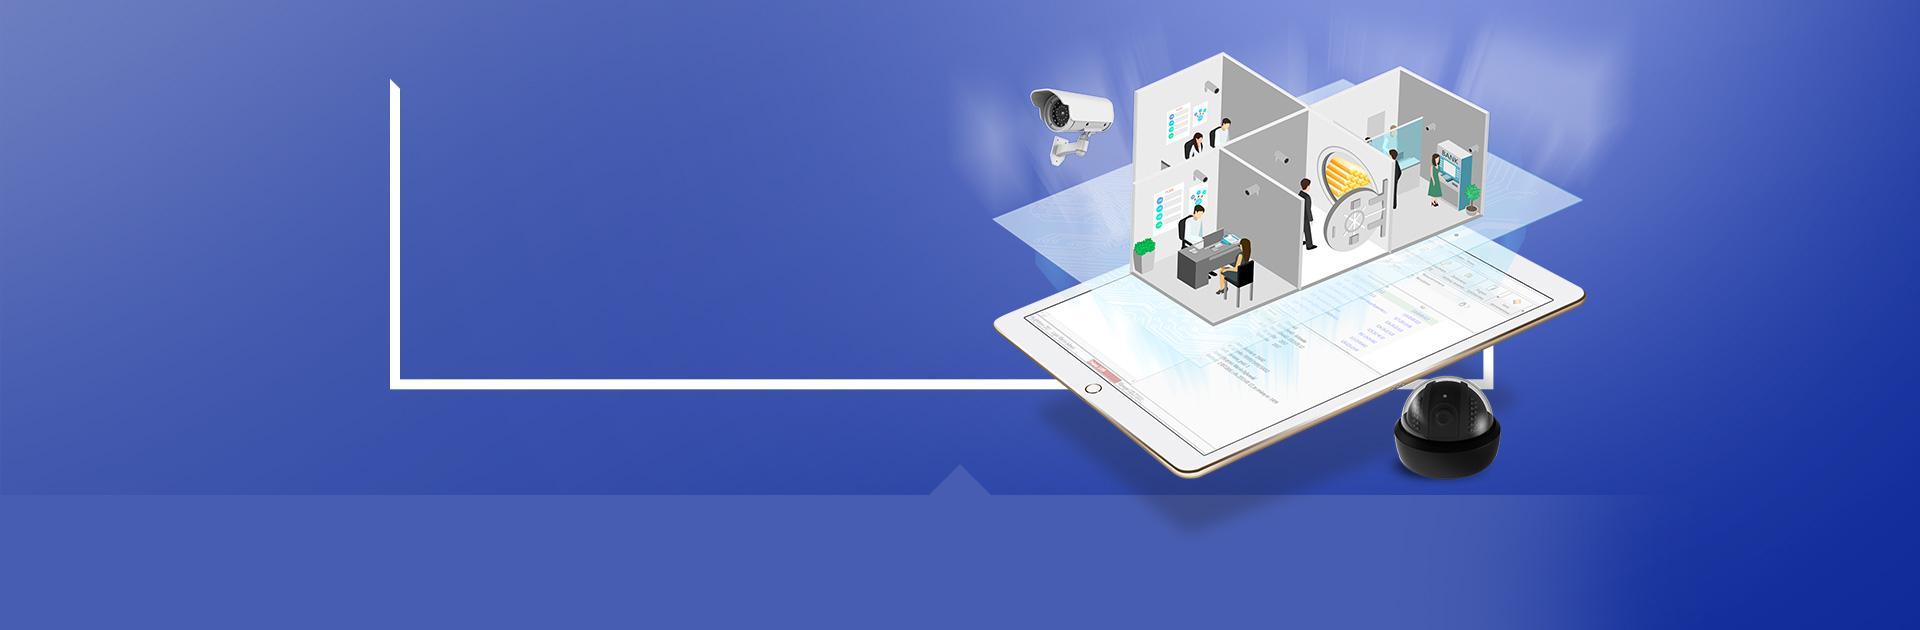 oprogramowanie dla biur rachunkowych slider 3